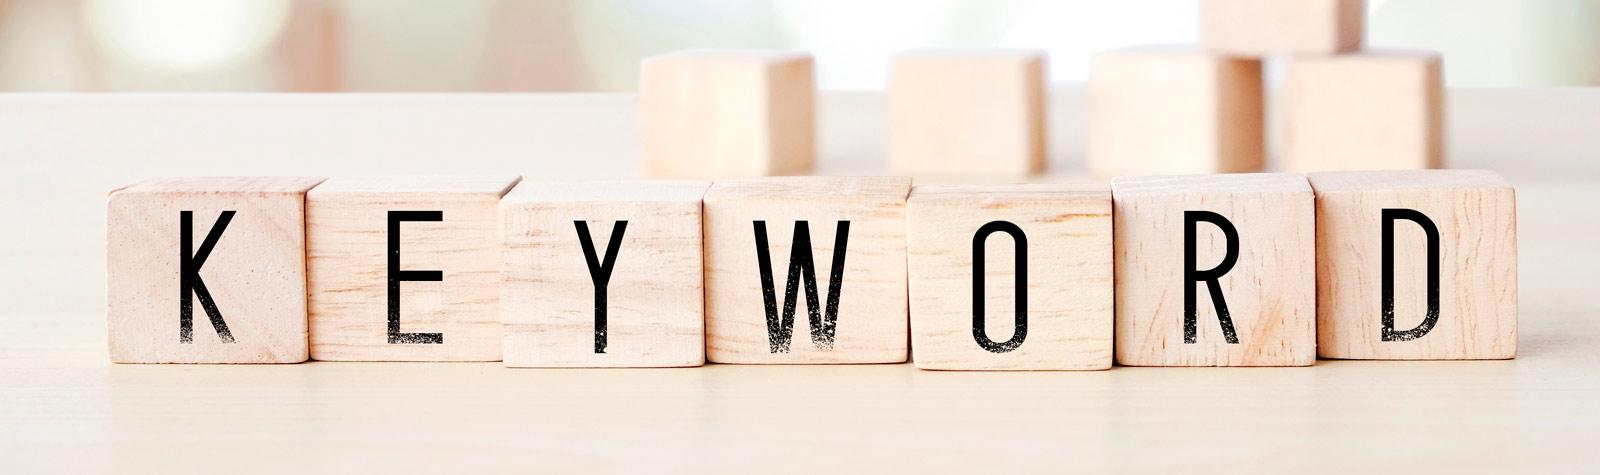 Qué son las Palabras Claves y cómo realizar un Keyword Research